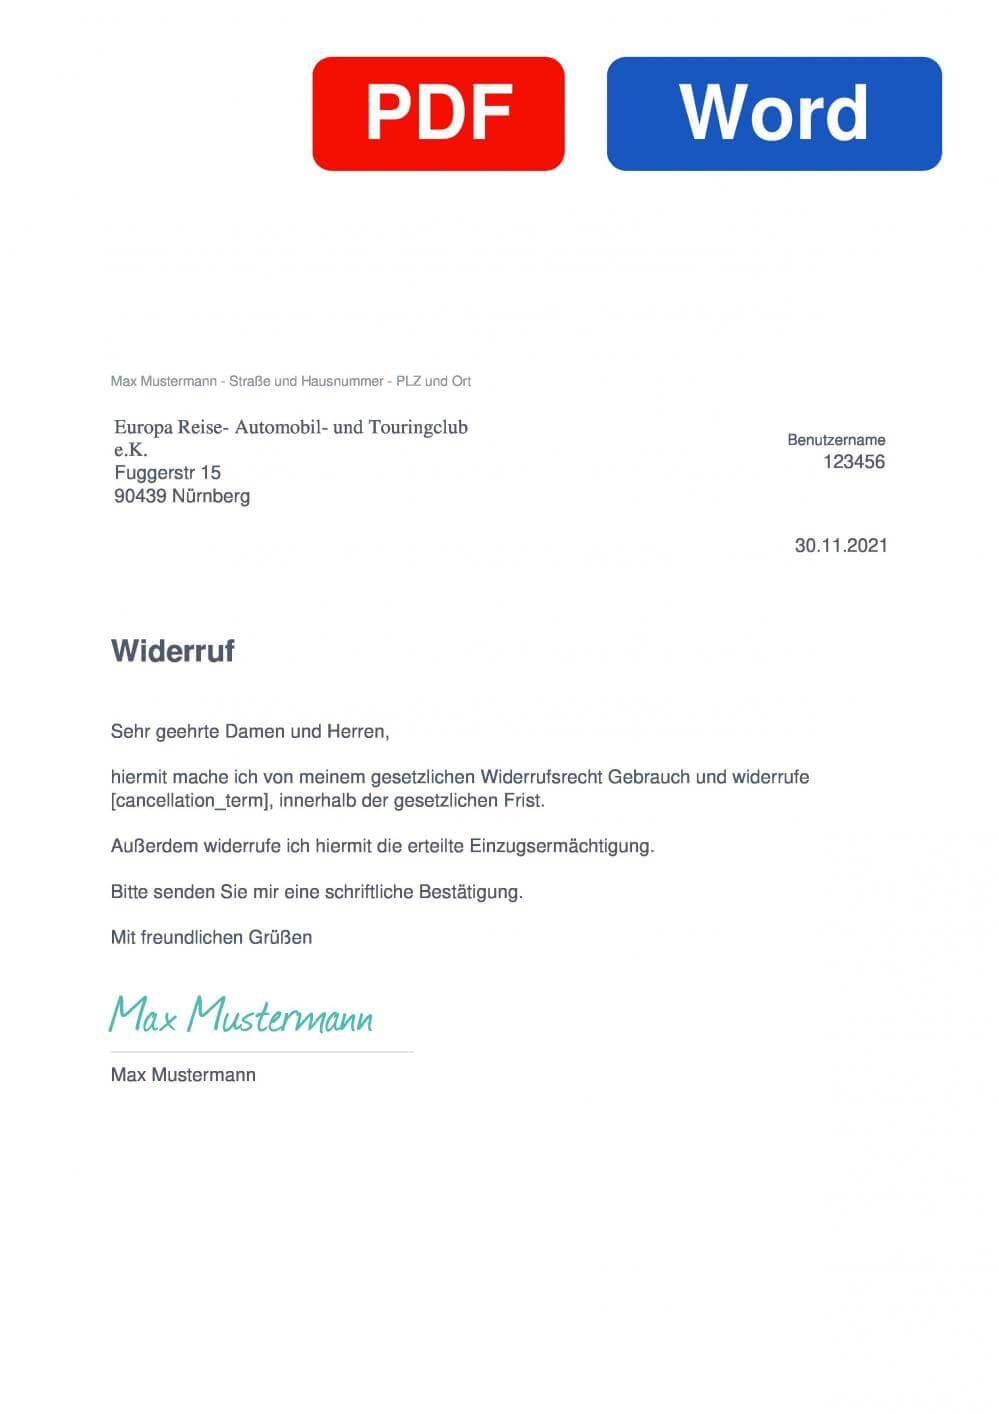 Tuningclub Muster Vorlage für Wiederrufsschreiben